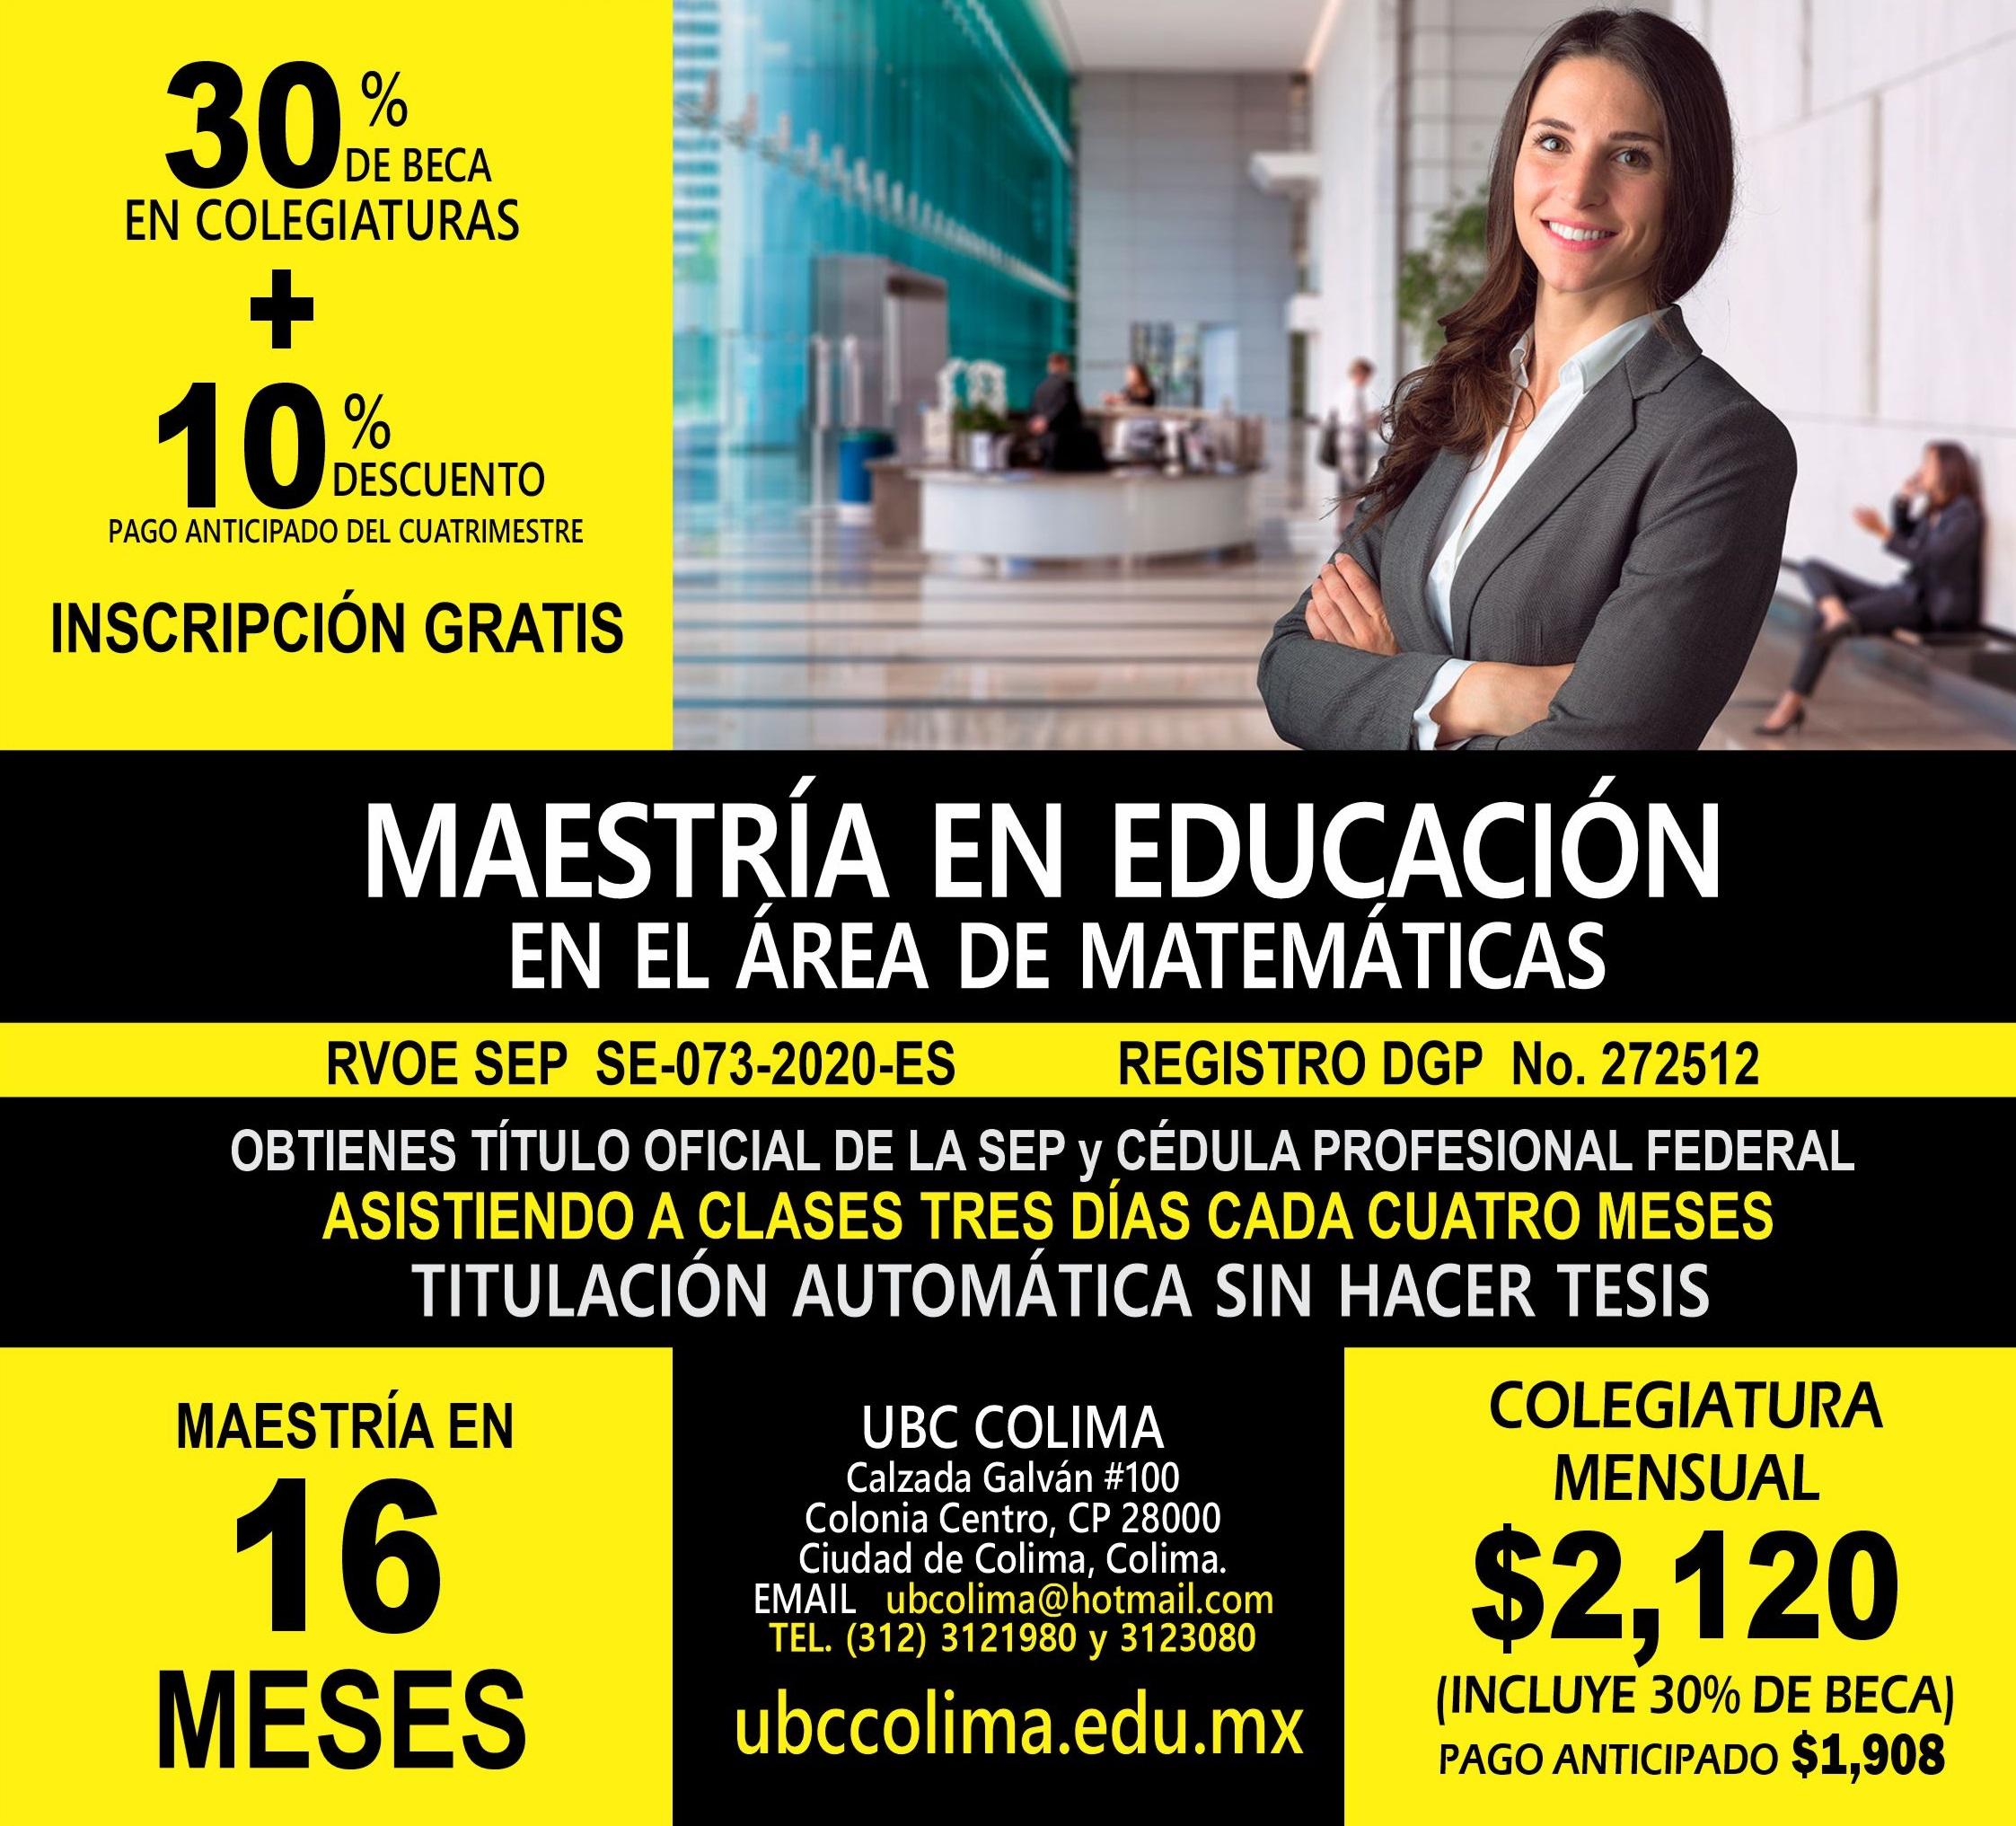 RVOE oficial: Maestría en Educación en el Área de Matemáticas